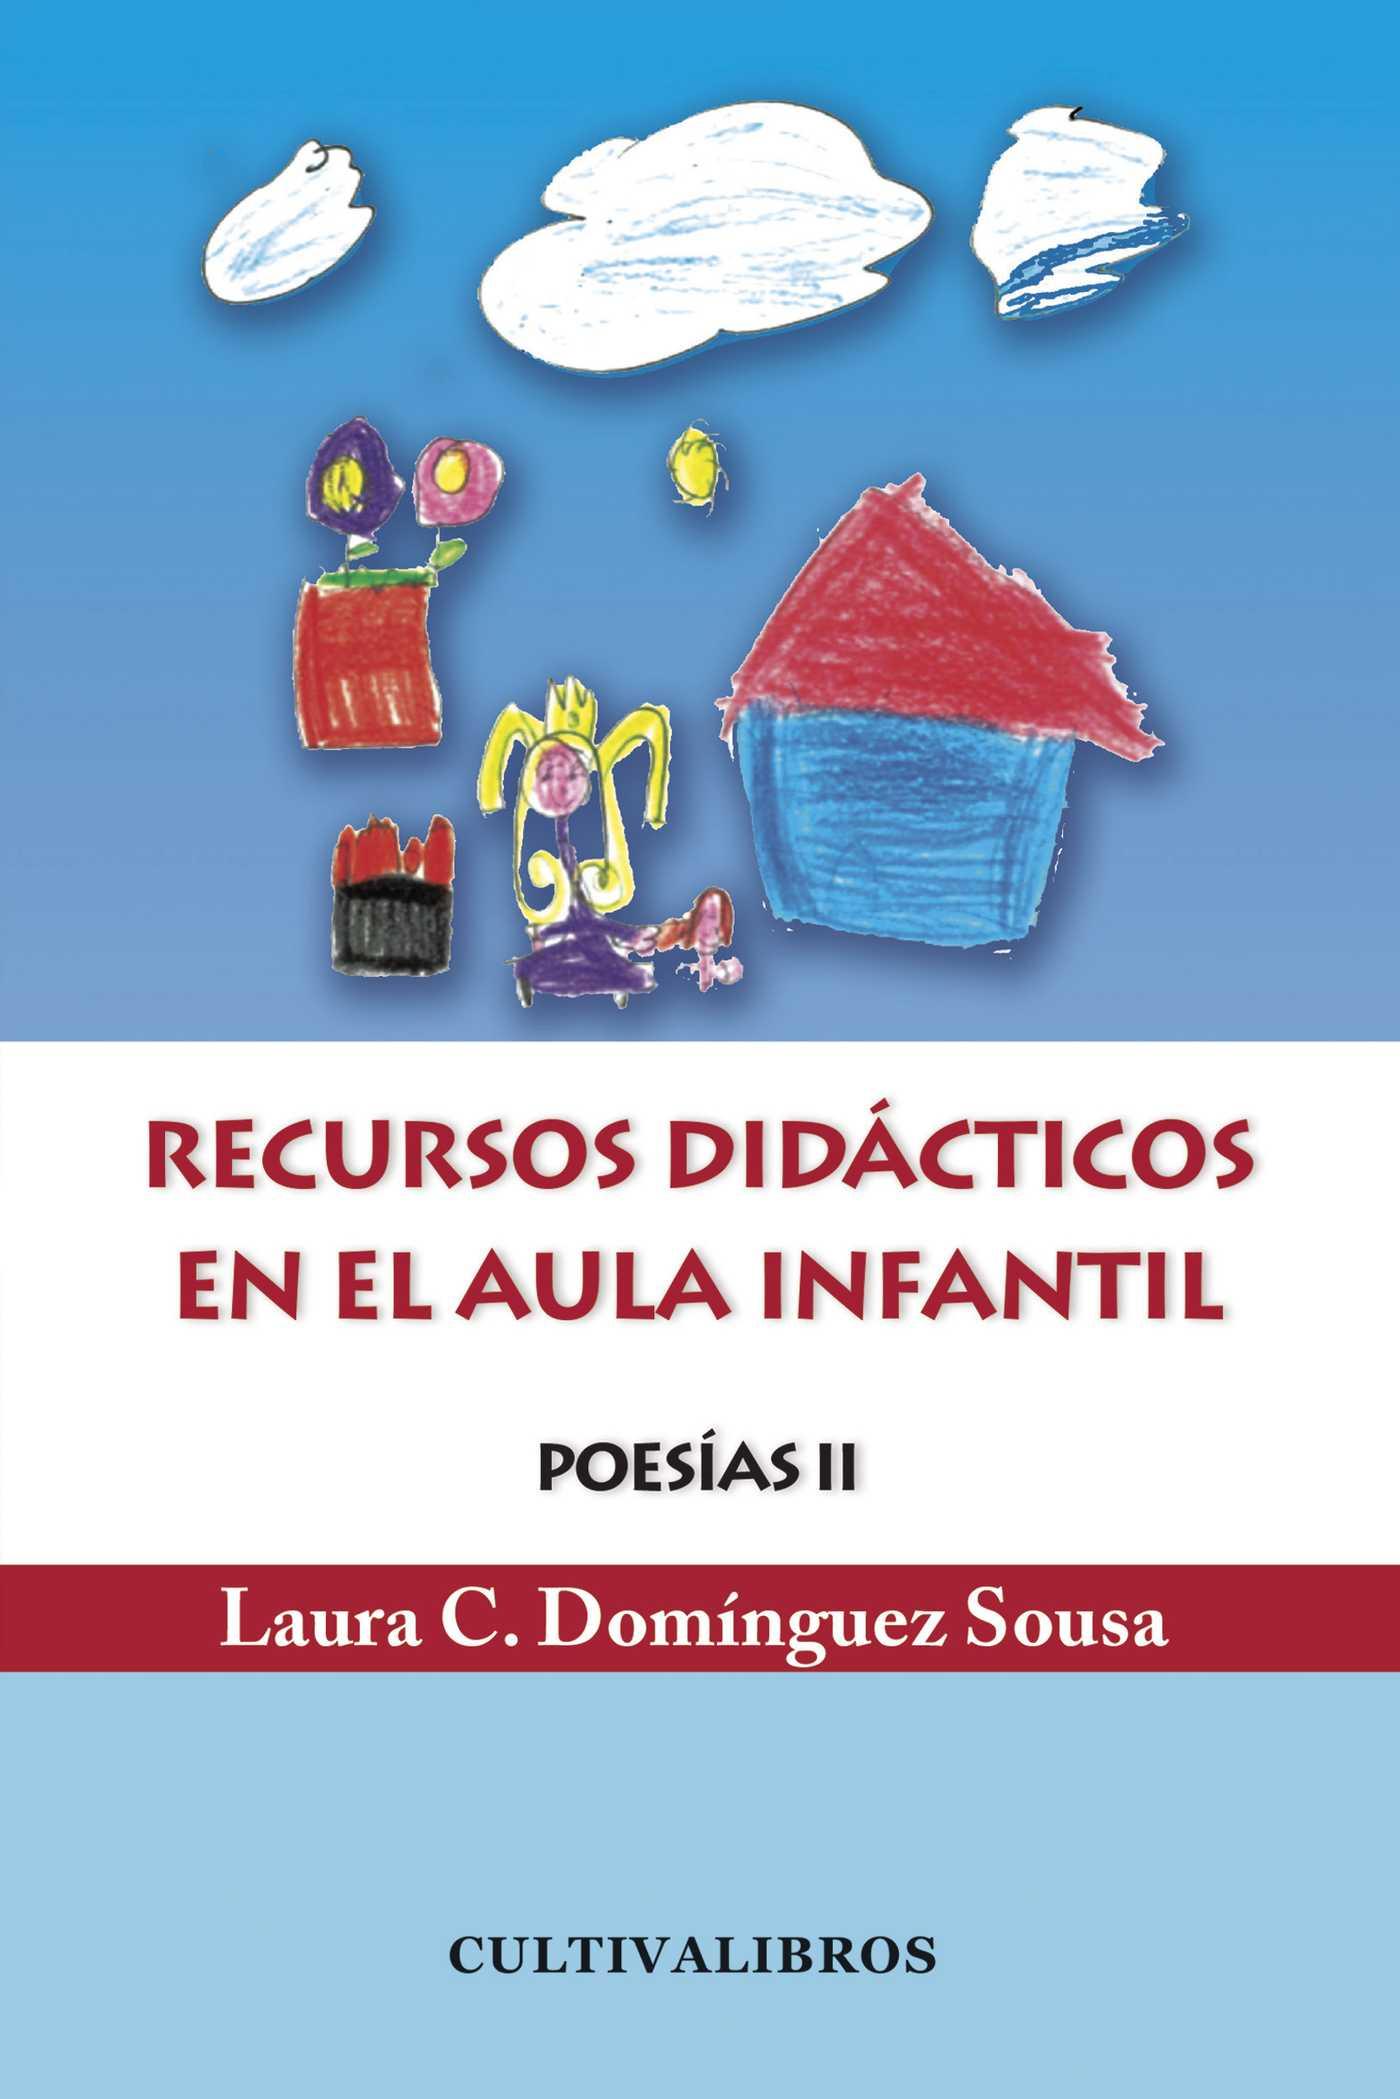 POESÍA II : RECURSO DIDÁCTICOS EN EL AULA INFANTIL